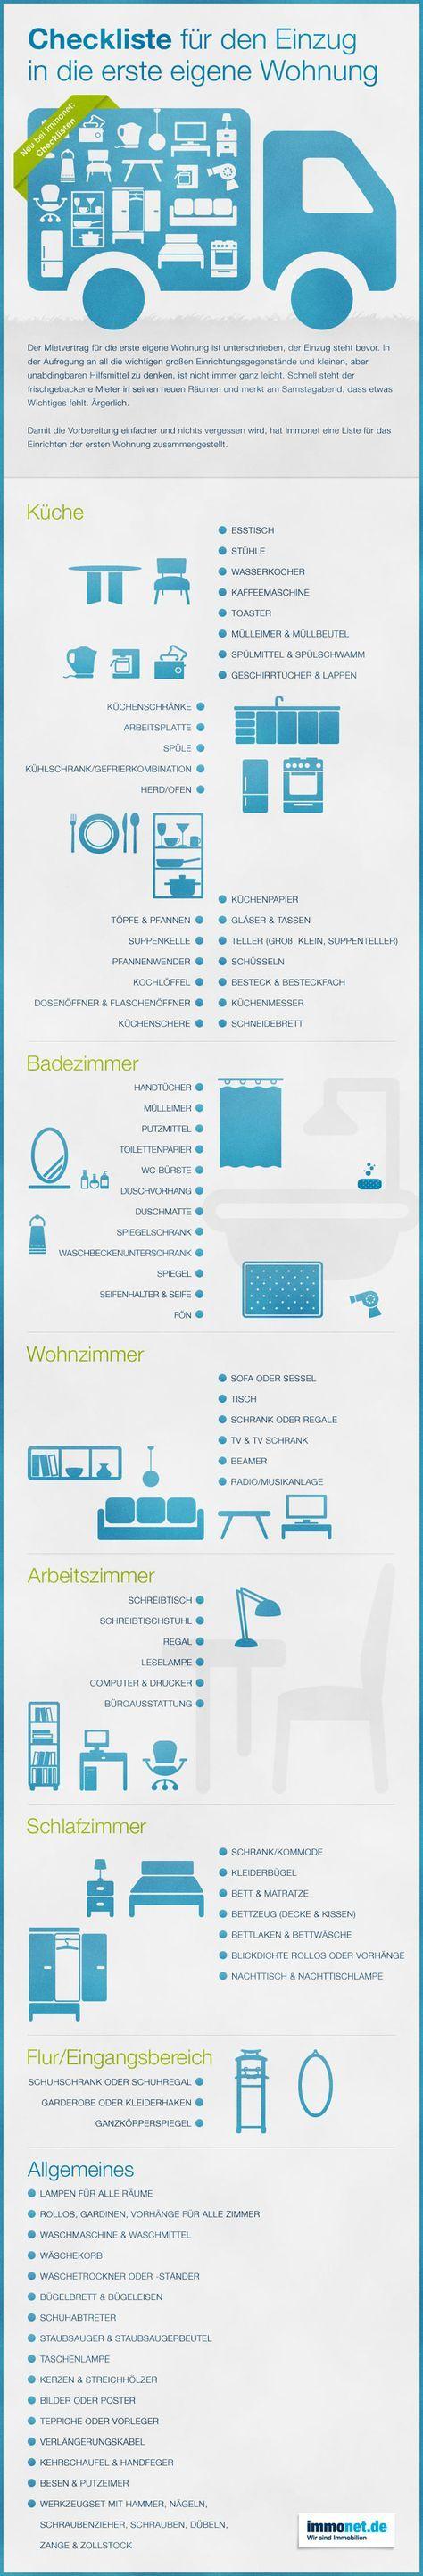 die besten 17 ideen zu checkliste f r die erste wohnung auf pinterest erste eigene wohnung. Black Bedroom Furniture Sets. Home Design Ideas